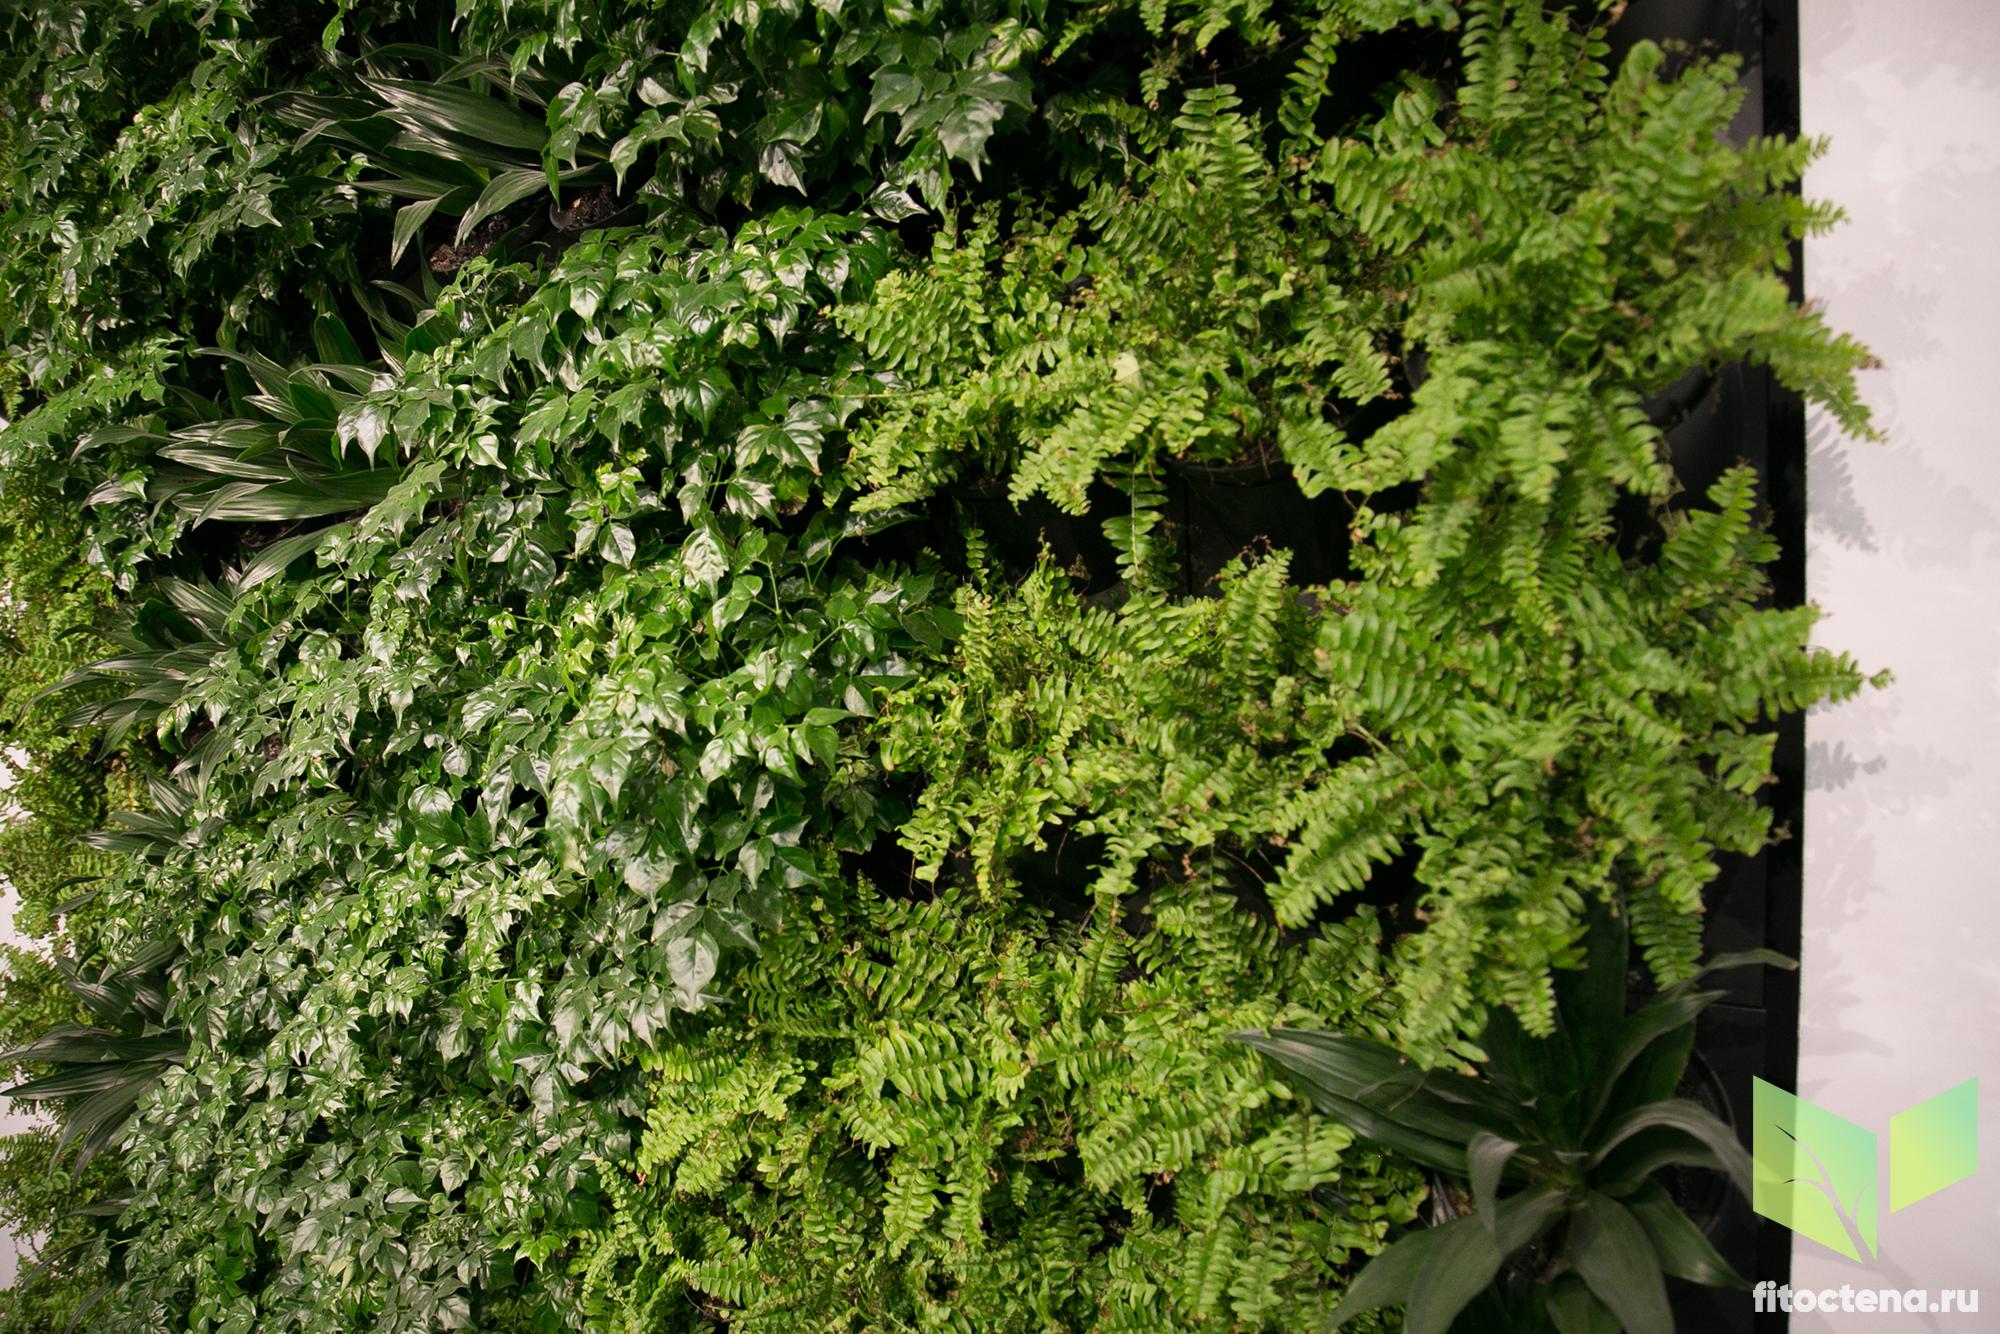 Вертикальное озеленение. Фитостена в ресторане Блинов (Санкт-Петербург, Невский проспект)